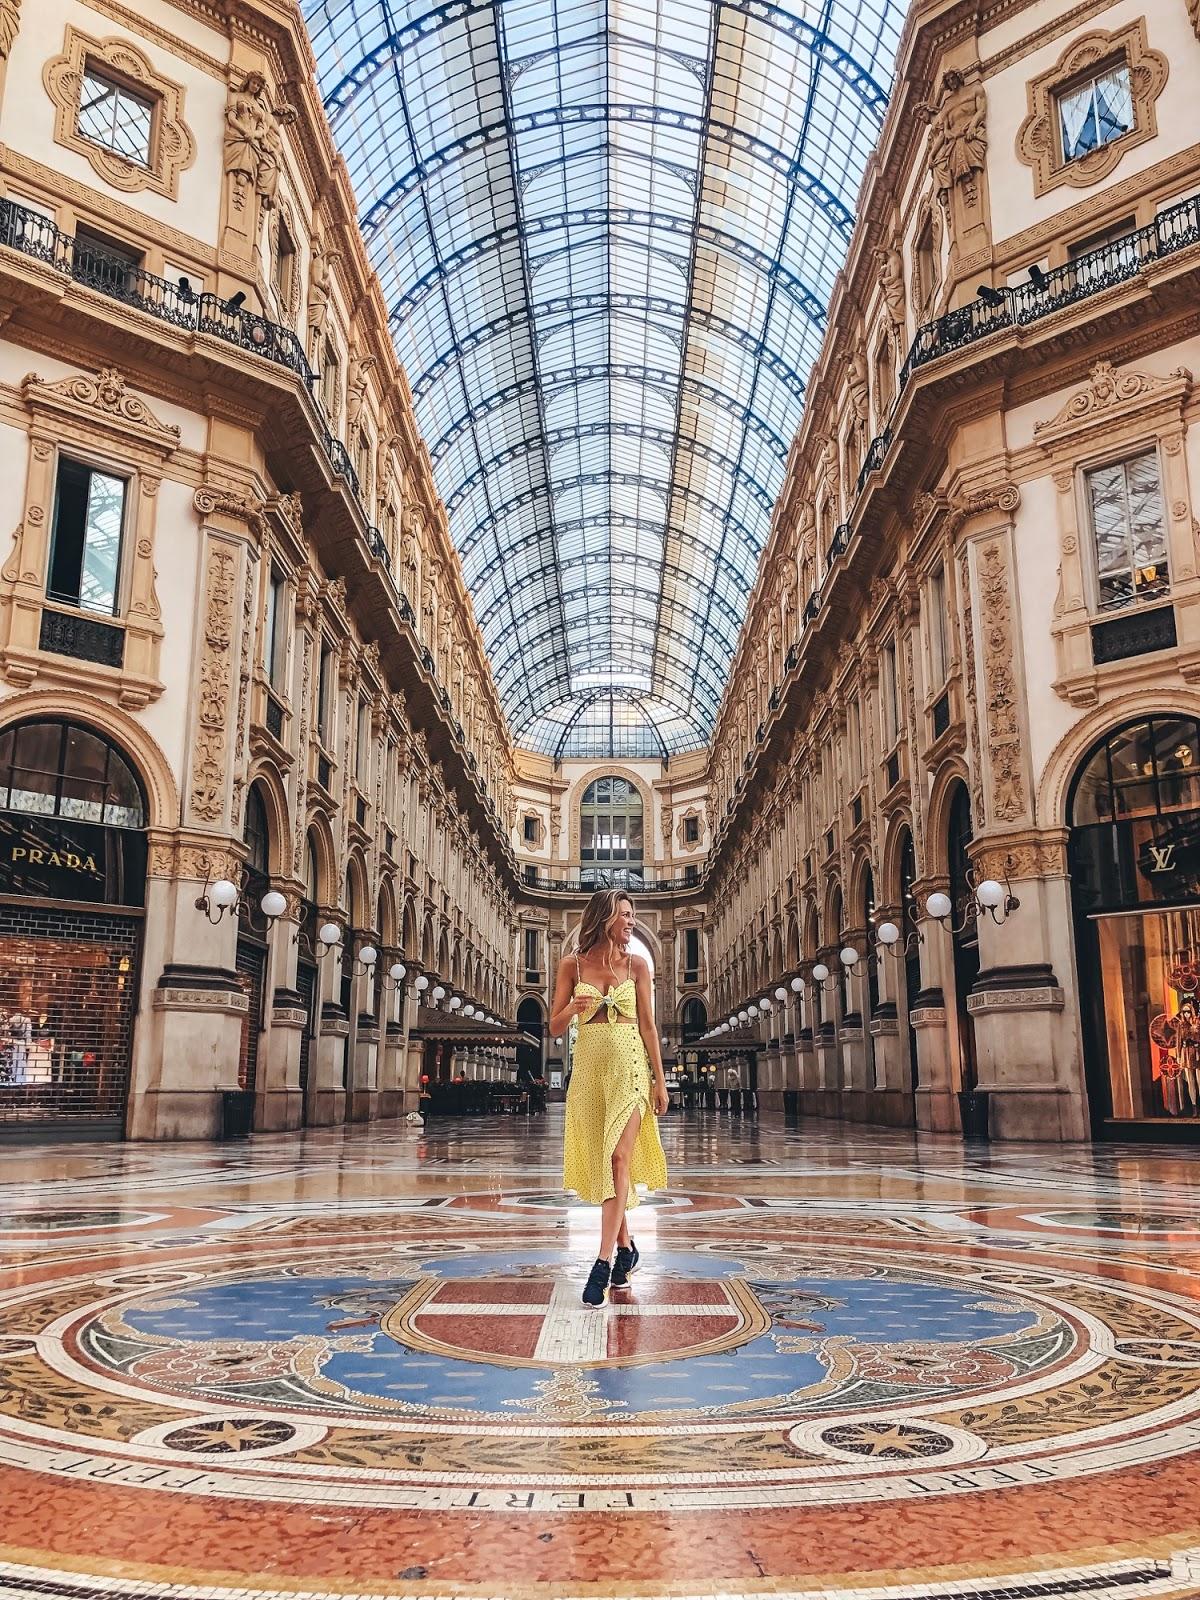 Galerías Vittorio Emanuele II